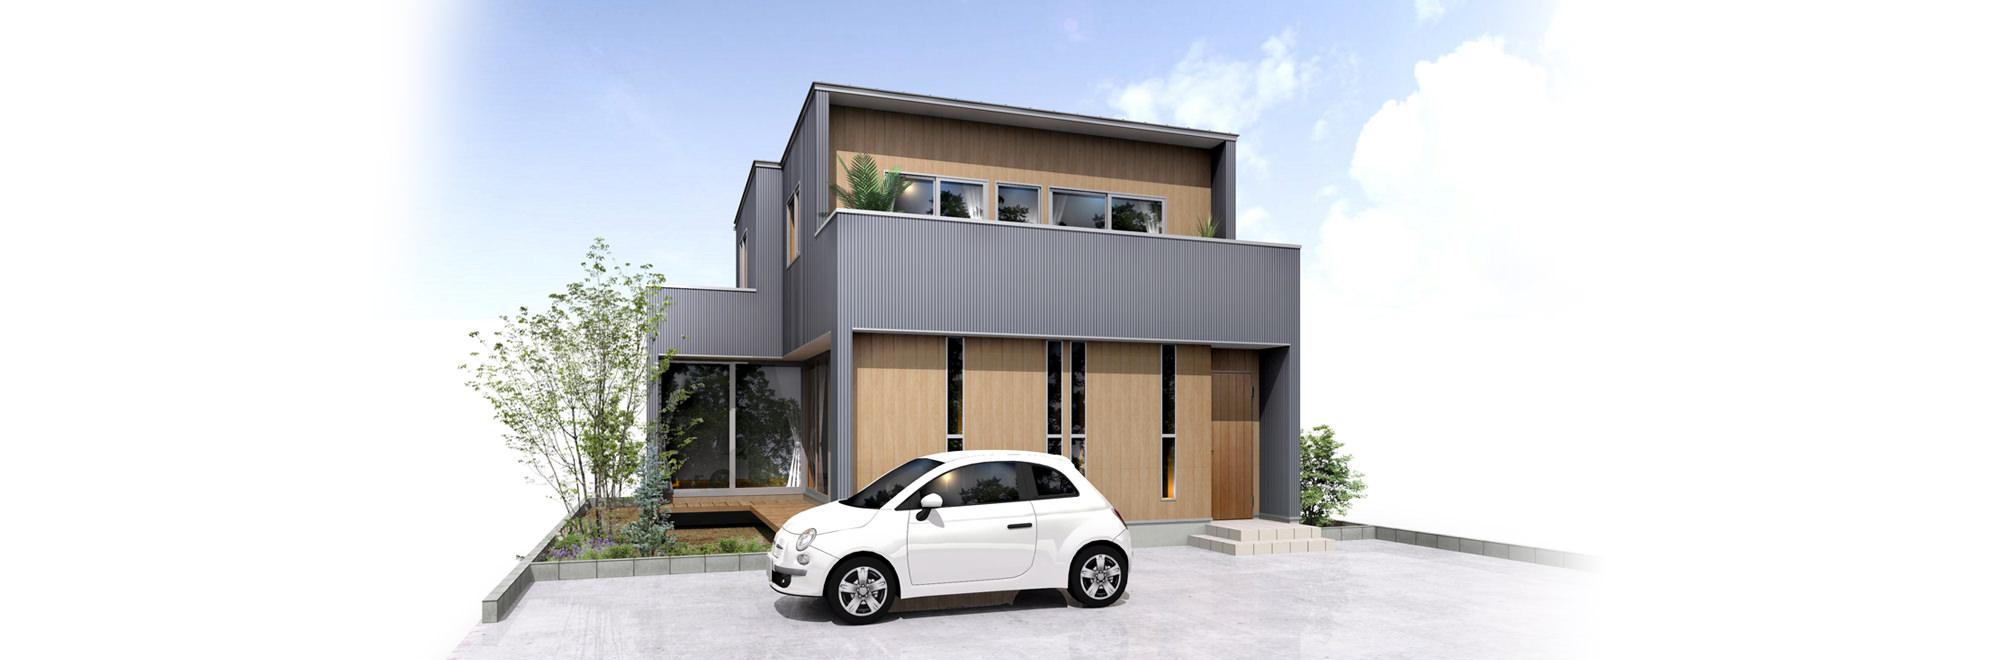 秋田 新築 モデルハウス 北久ホーム